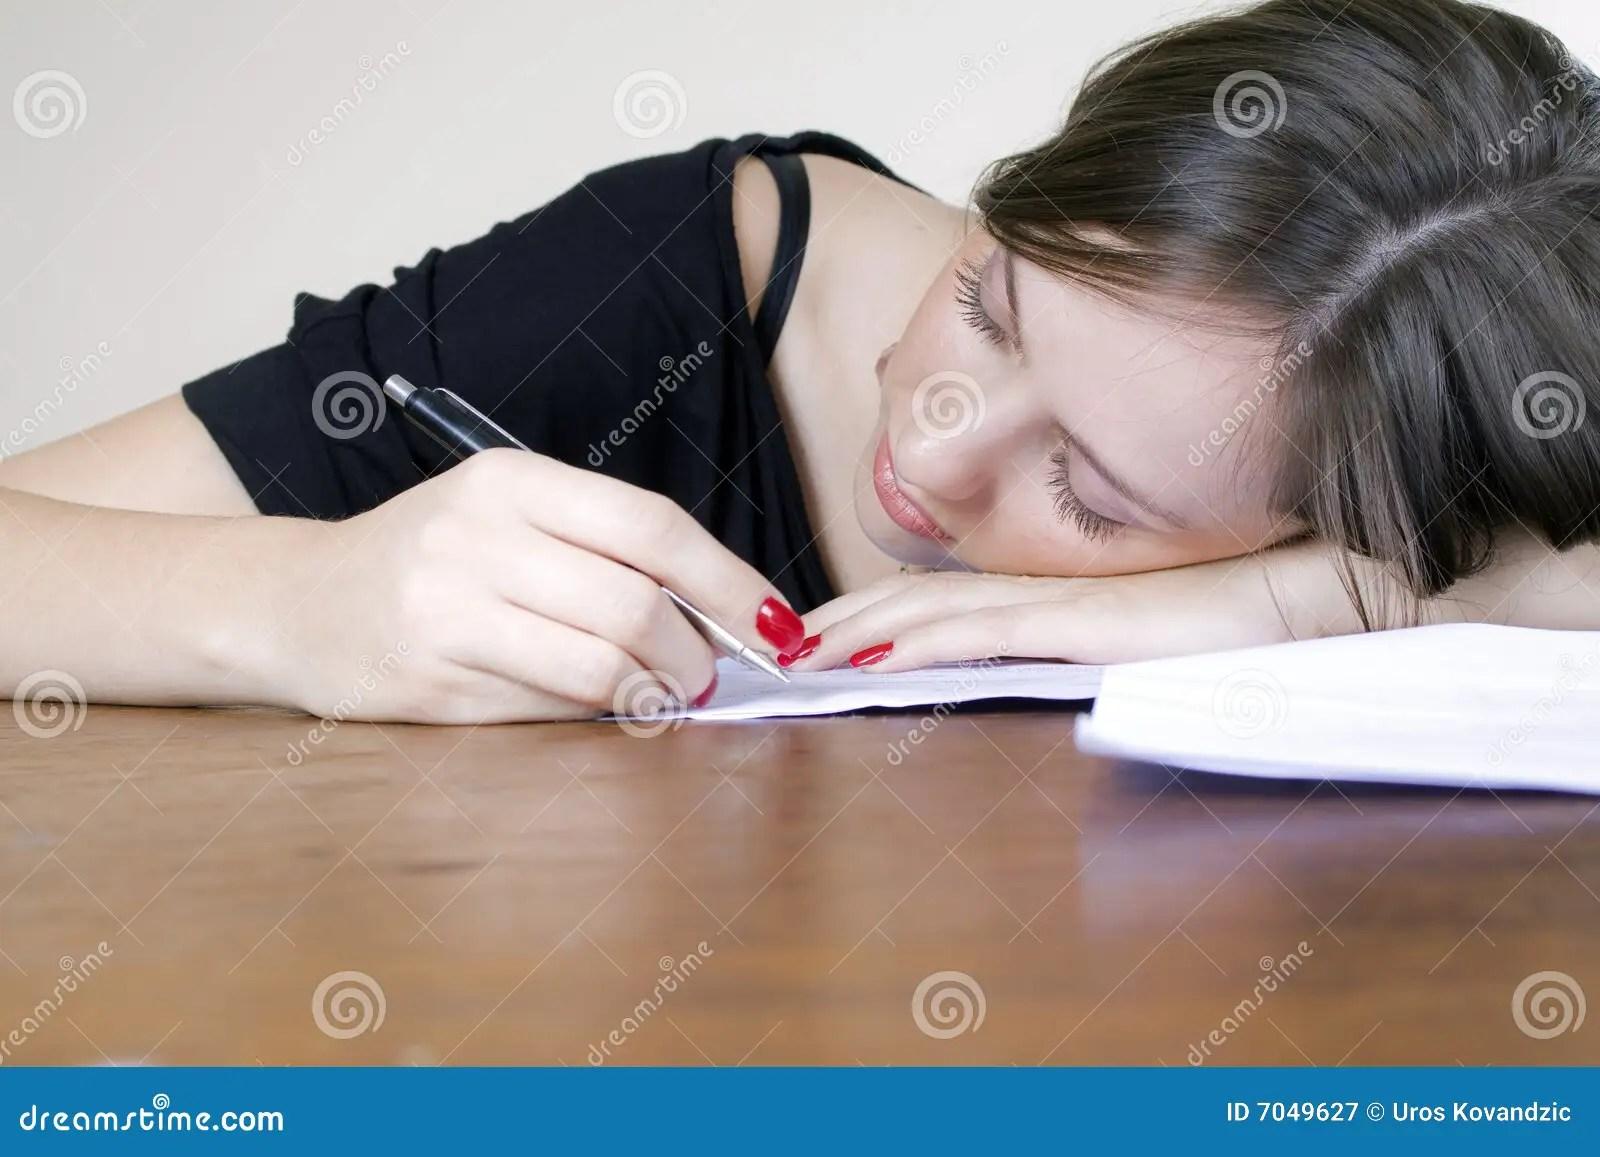 Sleeping Desk Girl Computer